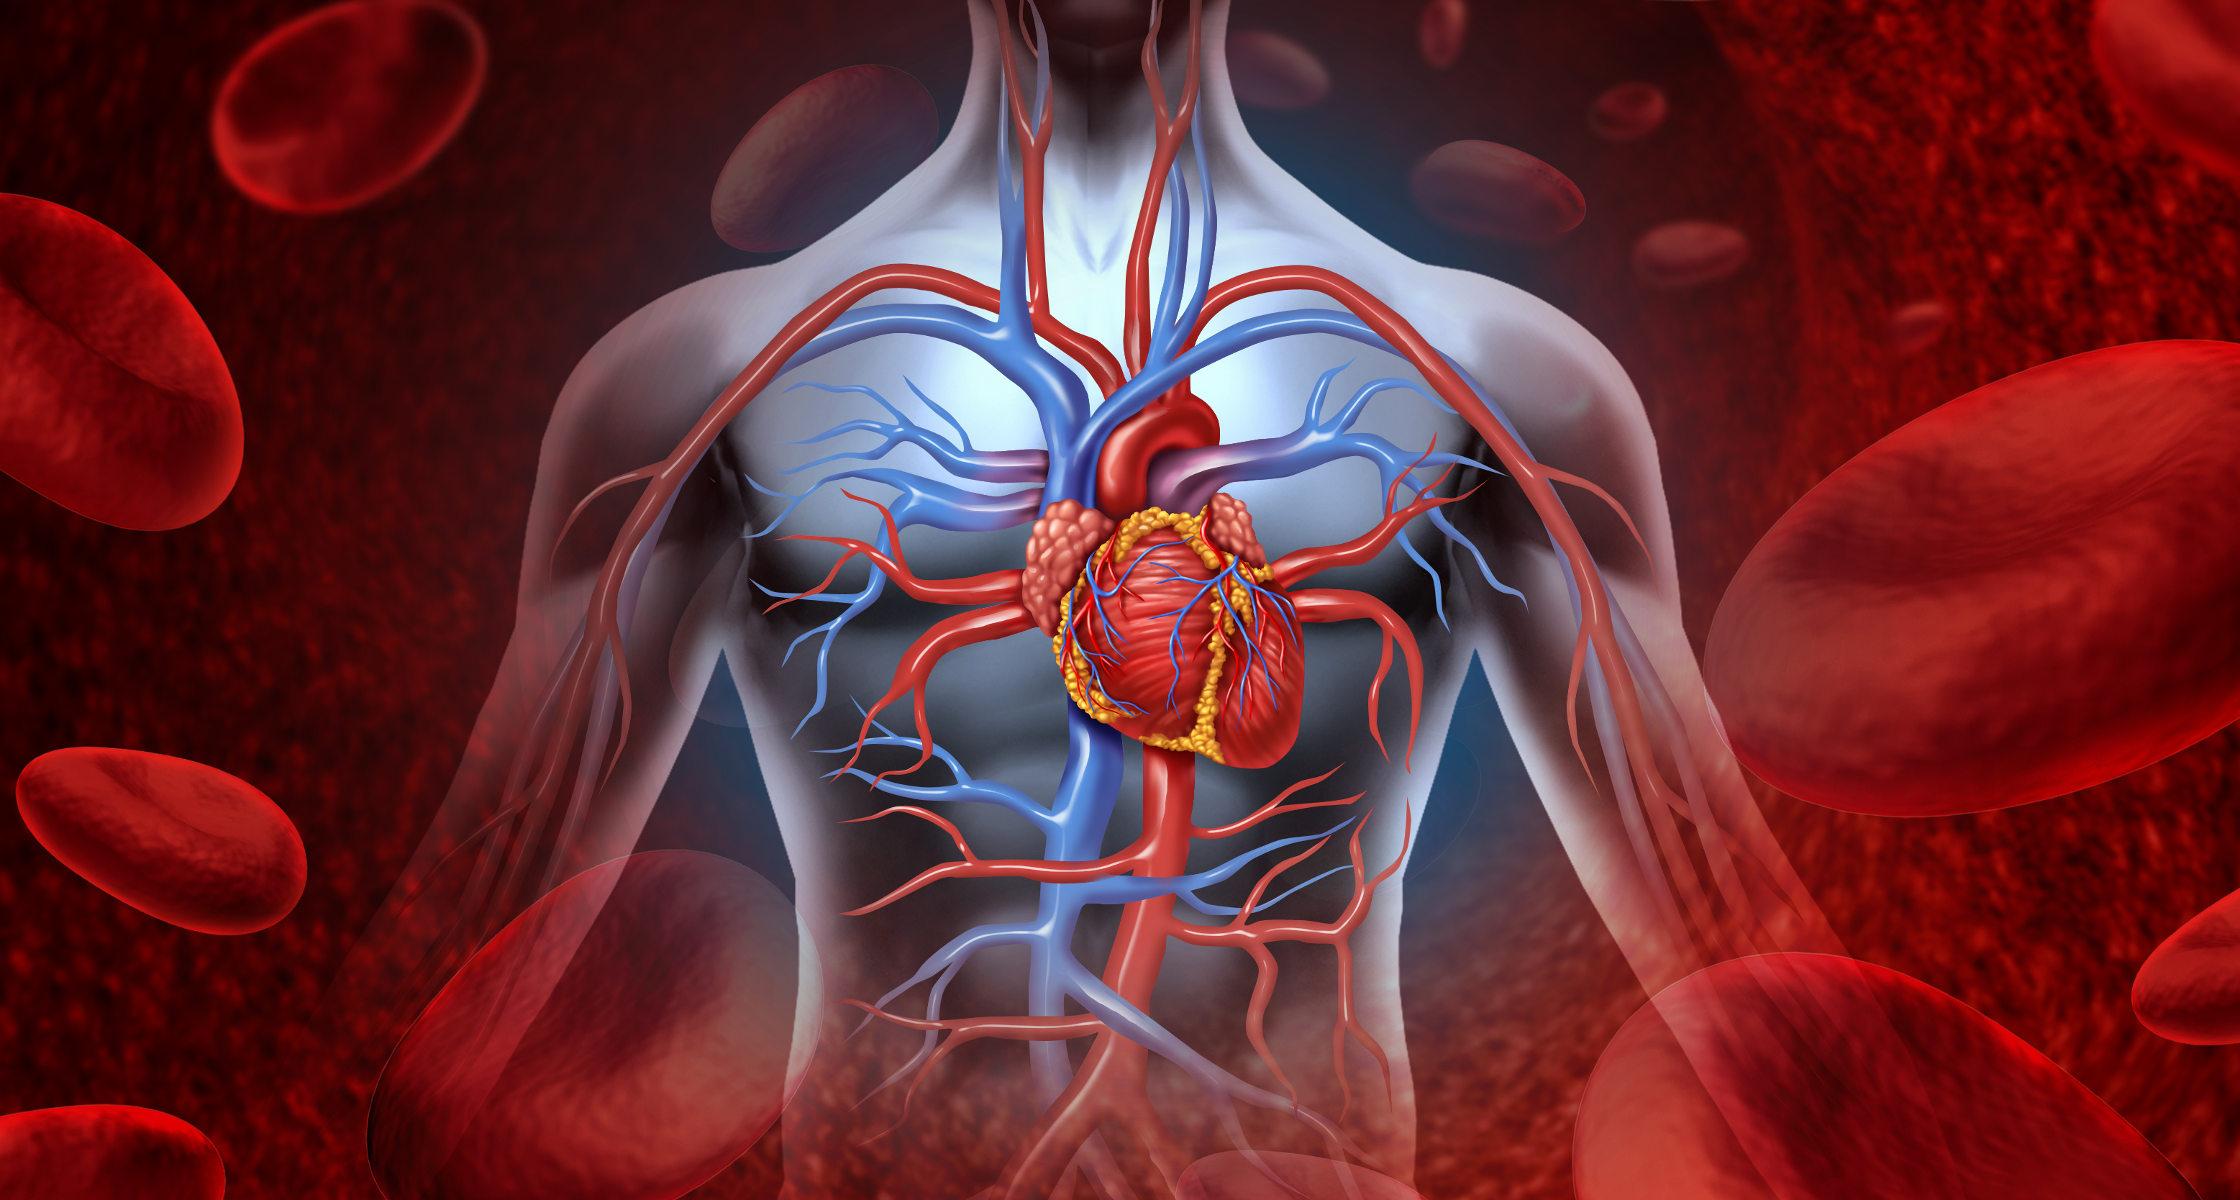 აიზენმენგერის სინდრომი – გულის თანდაყოლილი მანკის სახიფათო გართულება